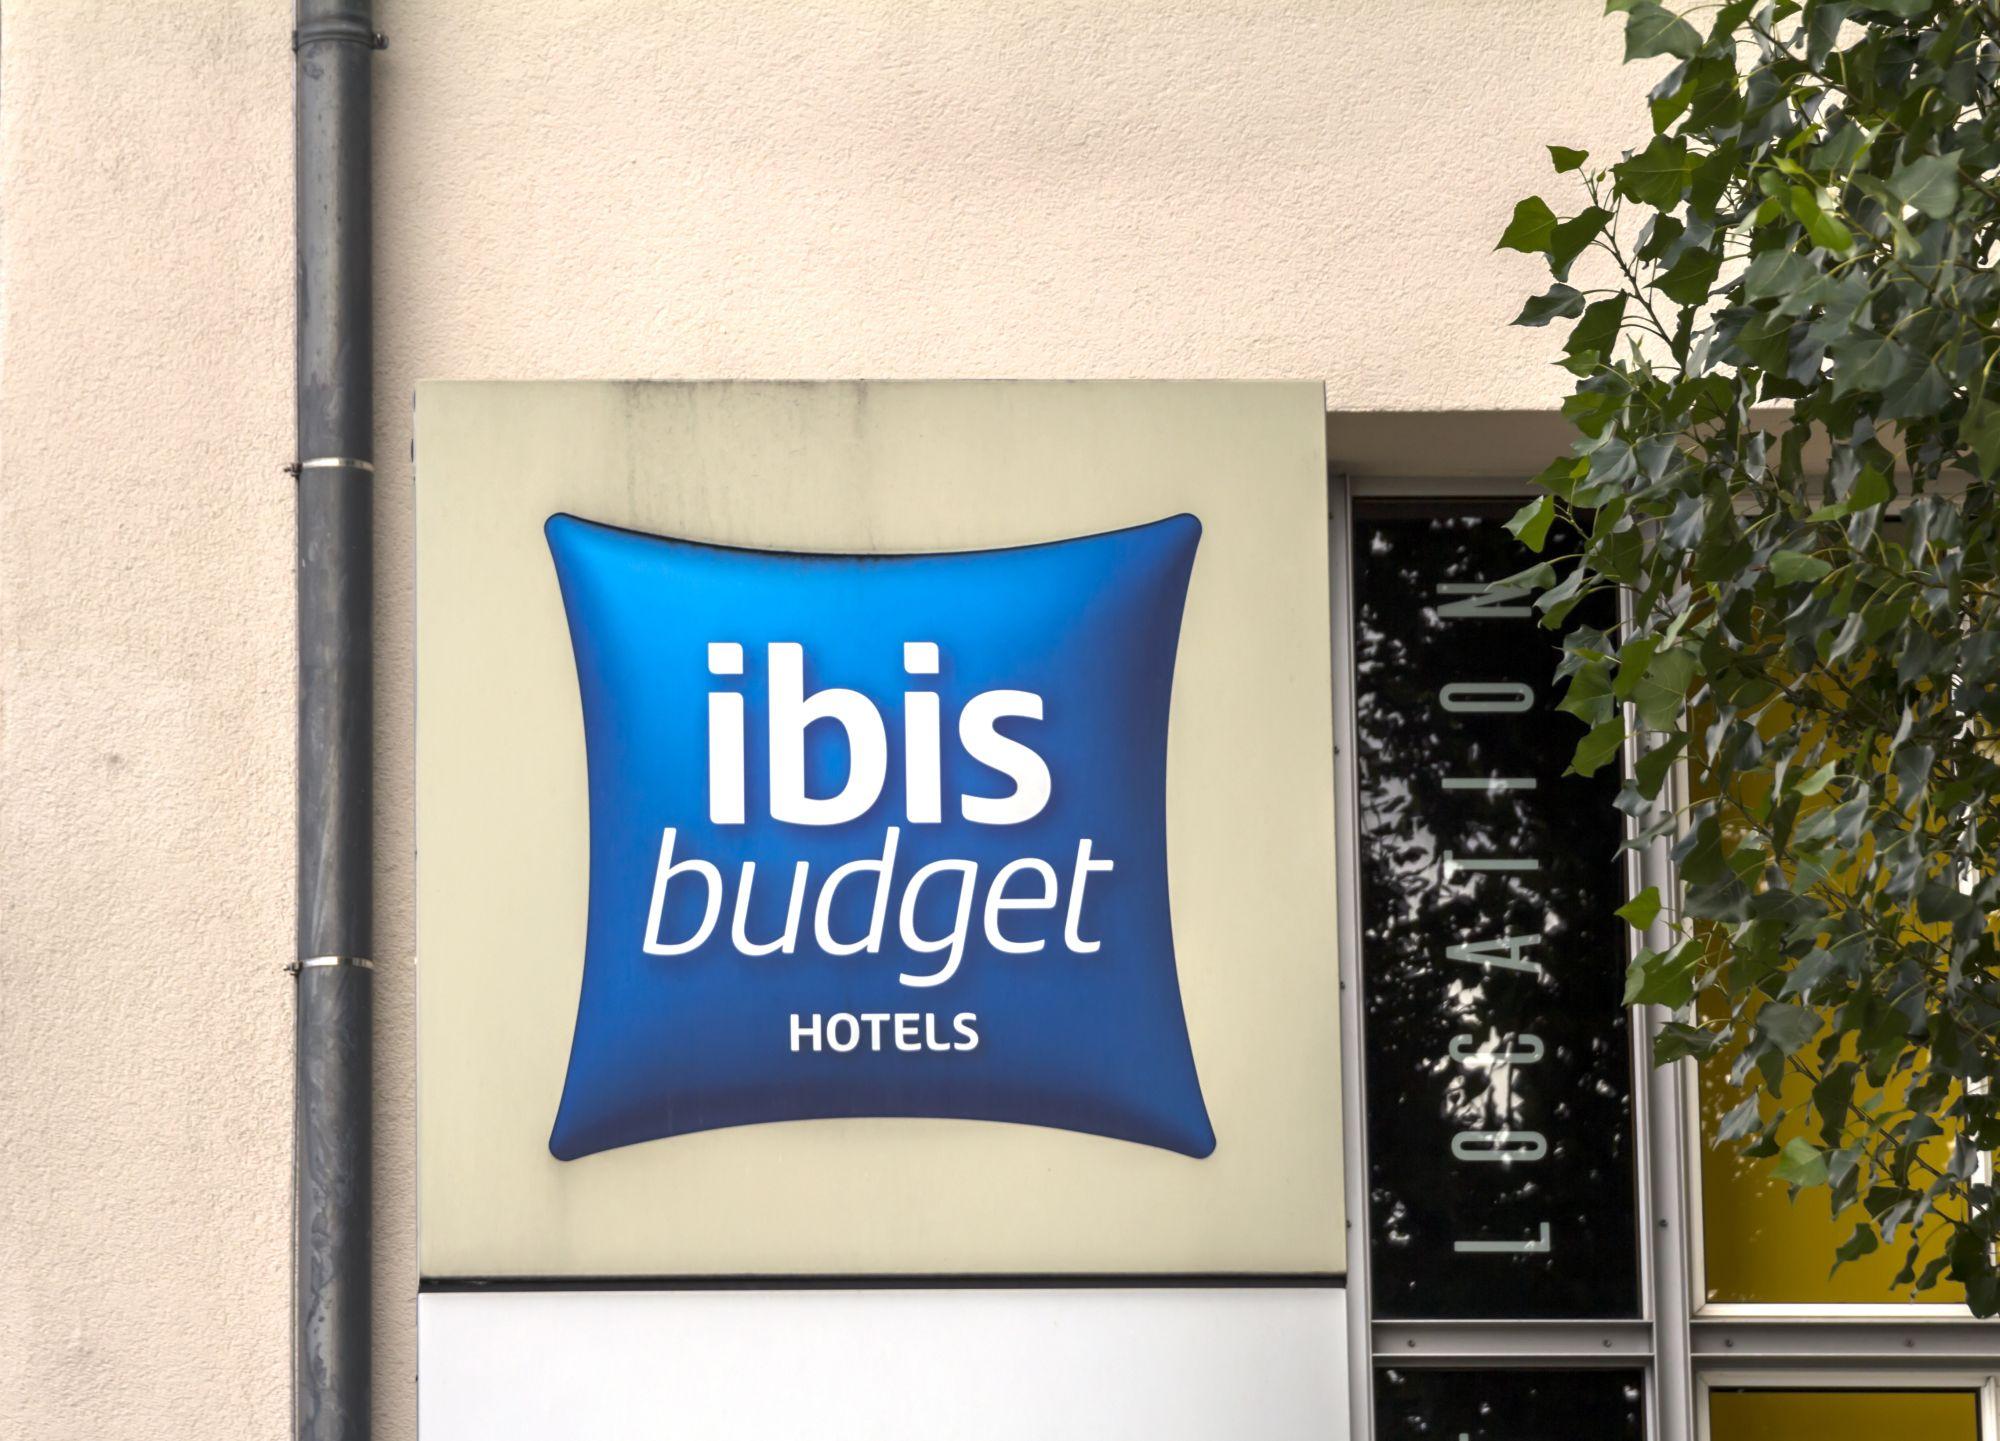 ibis budget logo